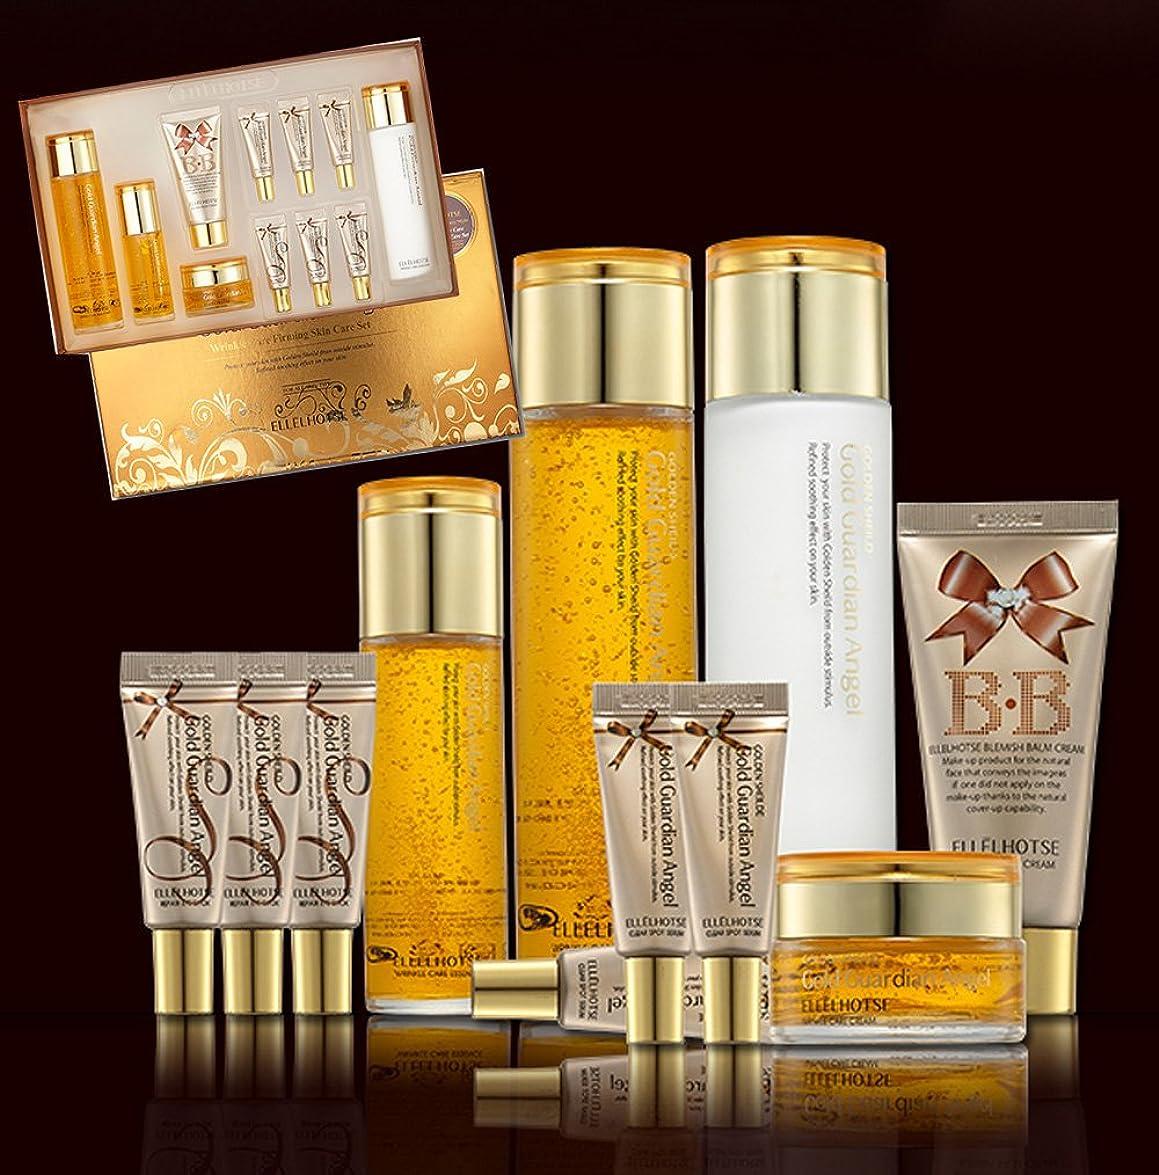 通信網証書ポスト印象派[ELLELHOTSE]ゴールドファーミングスキンケア7set/弾力&柔軟性/コエンザイムQ-10/韓国の化粧品/Gold Firming Skin Care 7set/resilience & flexibility/coenzyme Q-10/Korean Cosmetics [並行輸入品]